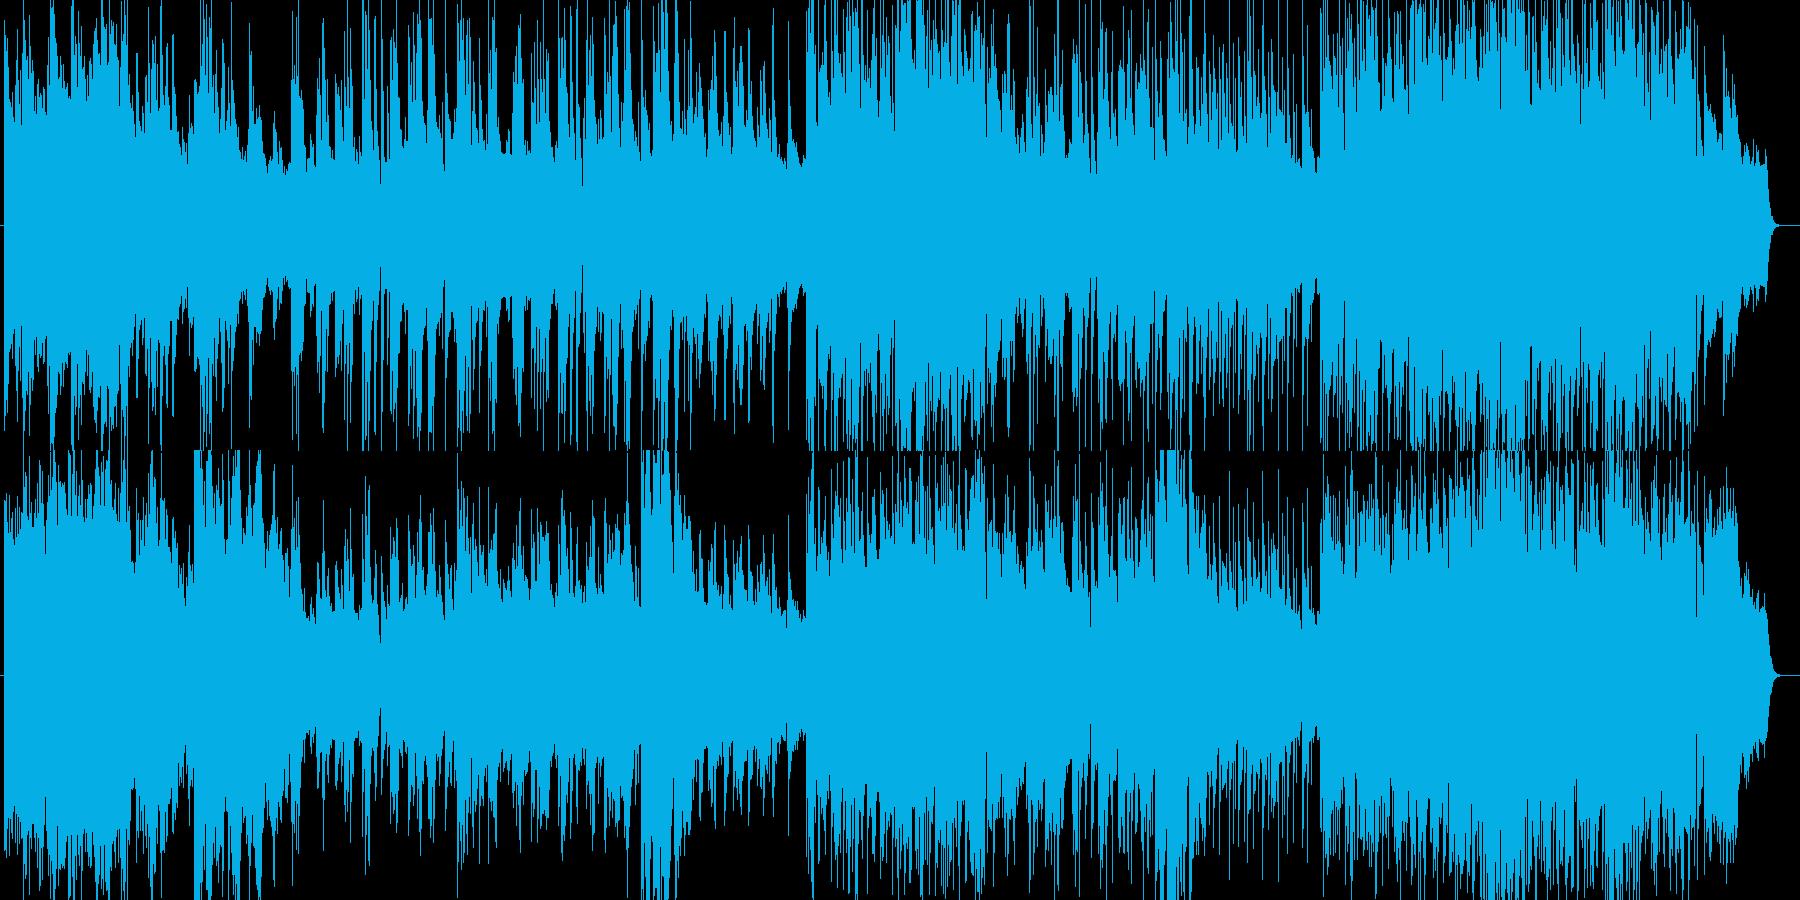 感動的で壮大なシンセ・ピアノ・管楽器曲の再生済みの波形